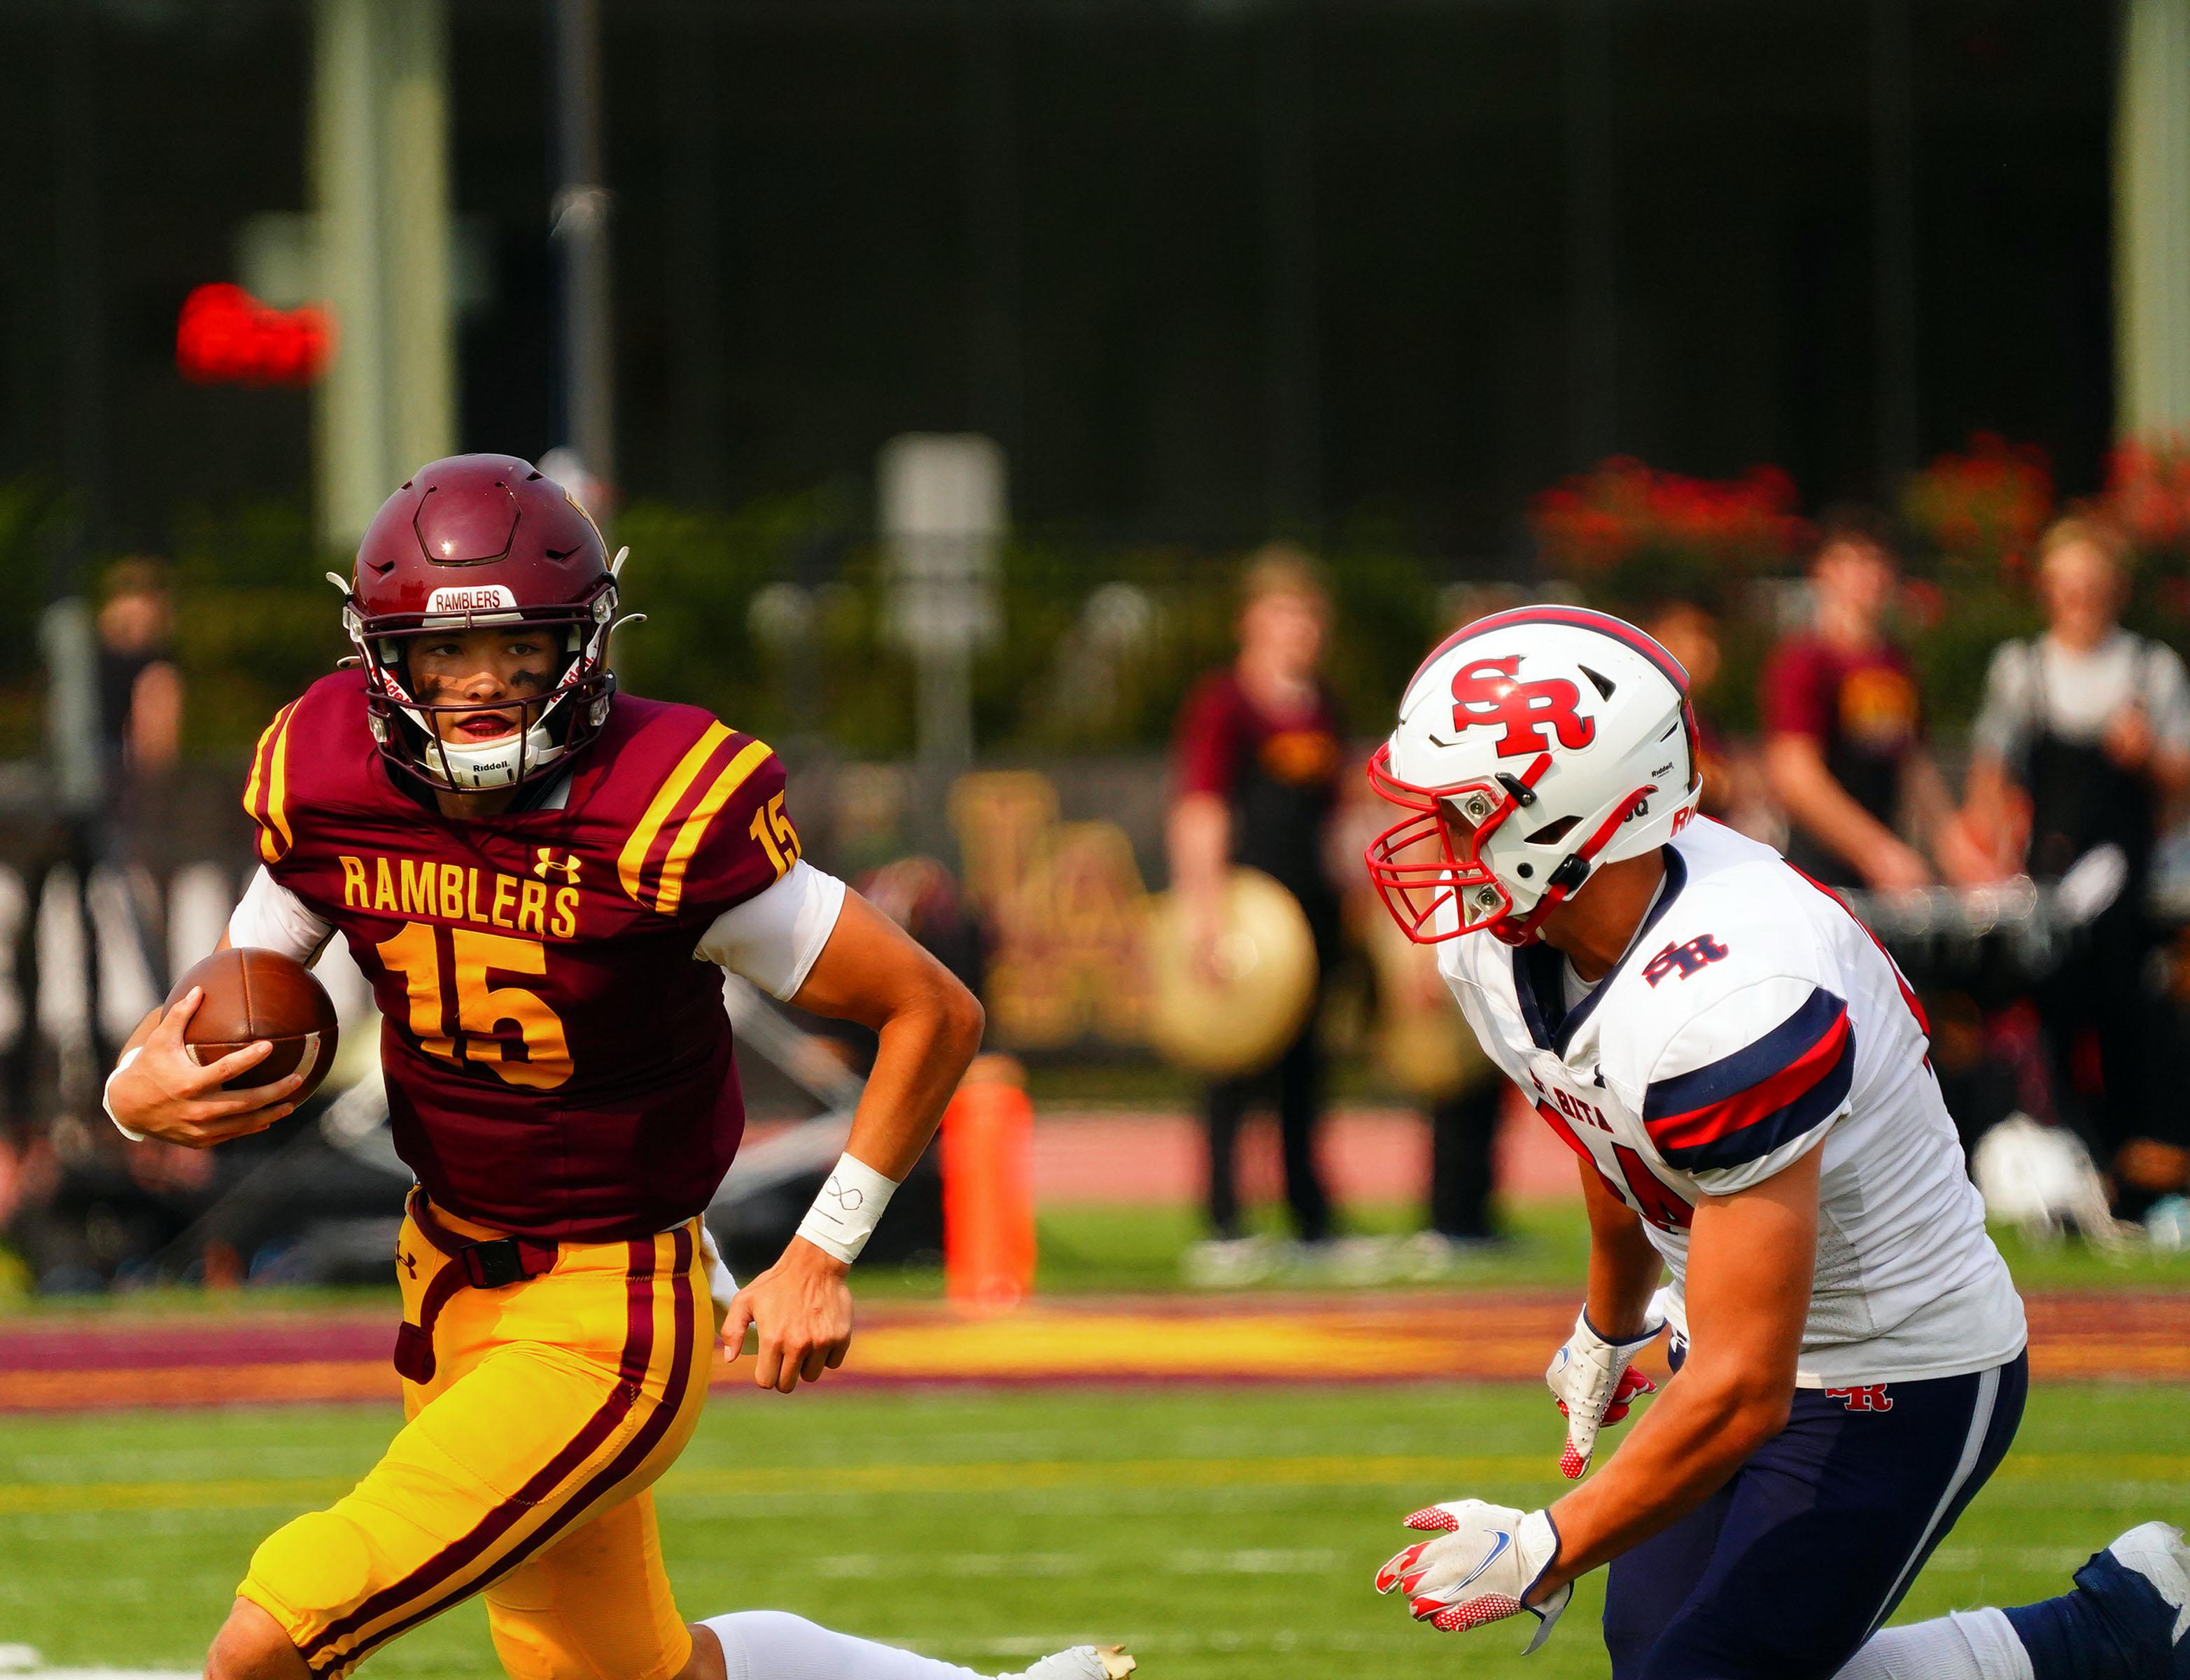 Loyola's Jake Stearney (15) scrambles away from St. Rita's Jake Lehtinen (24).